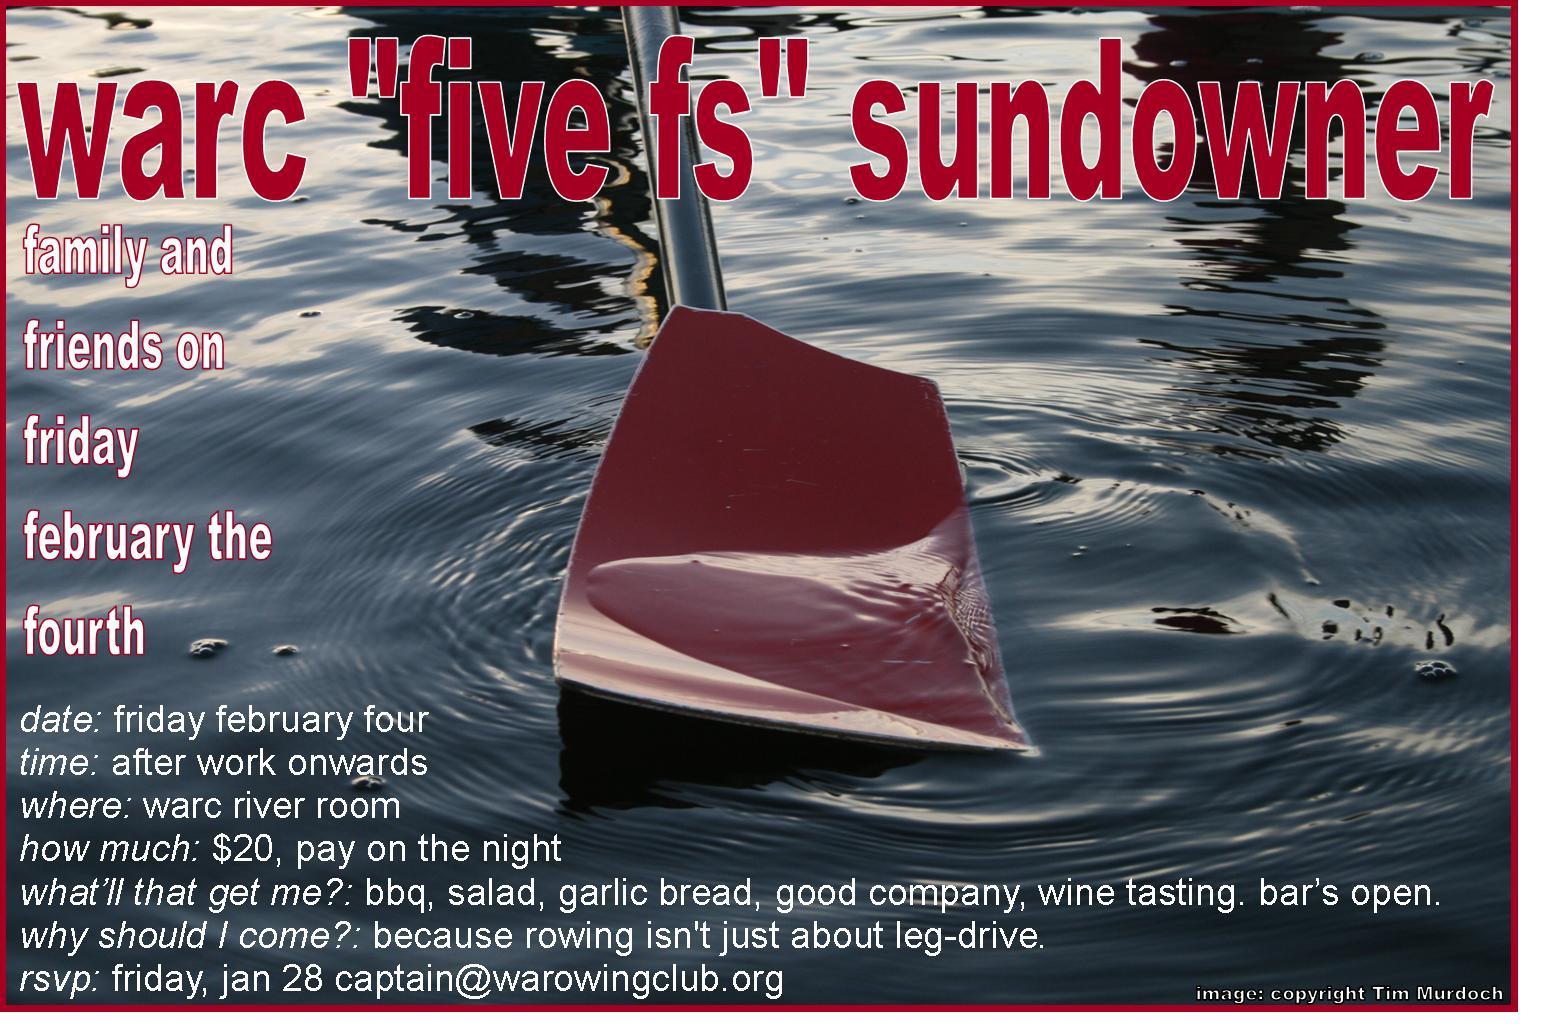 WARC Five Fs Sundowner